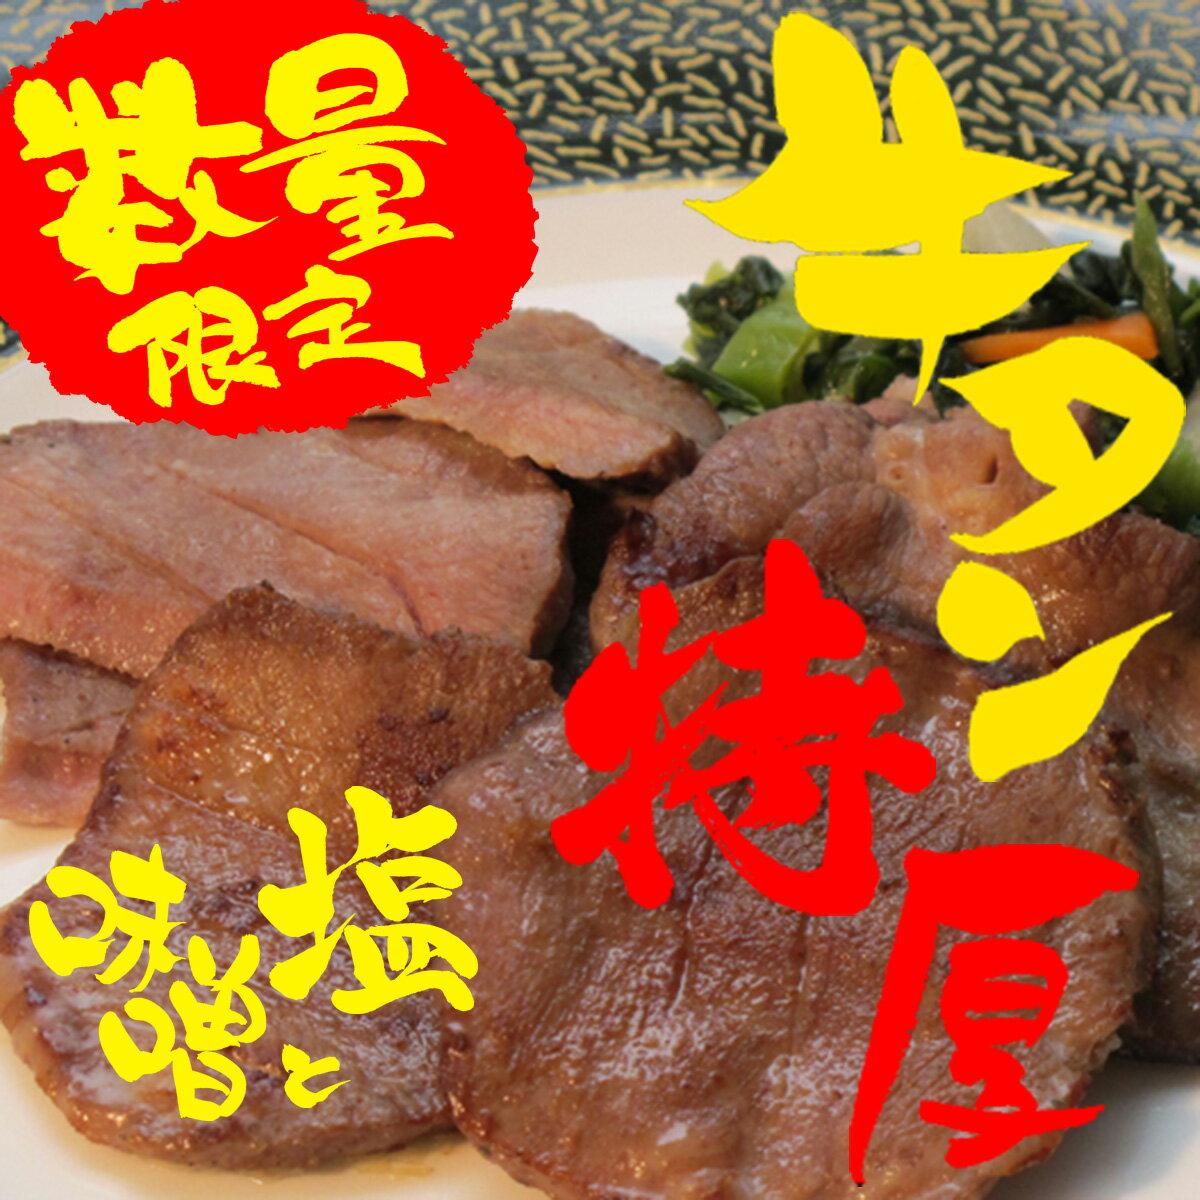 【ふるさと納税】『1日10セット限定』低温熟成 牛タン特厚セット 塩仕込み・味噌仕込み